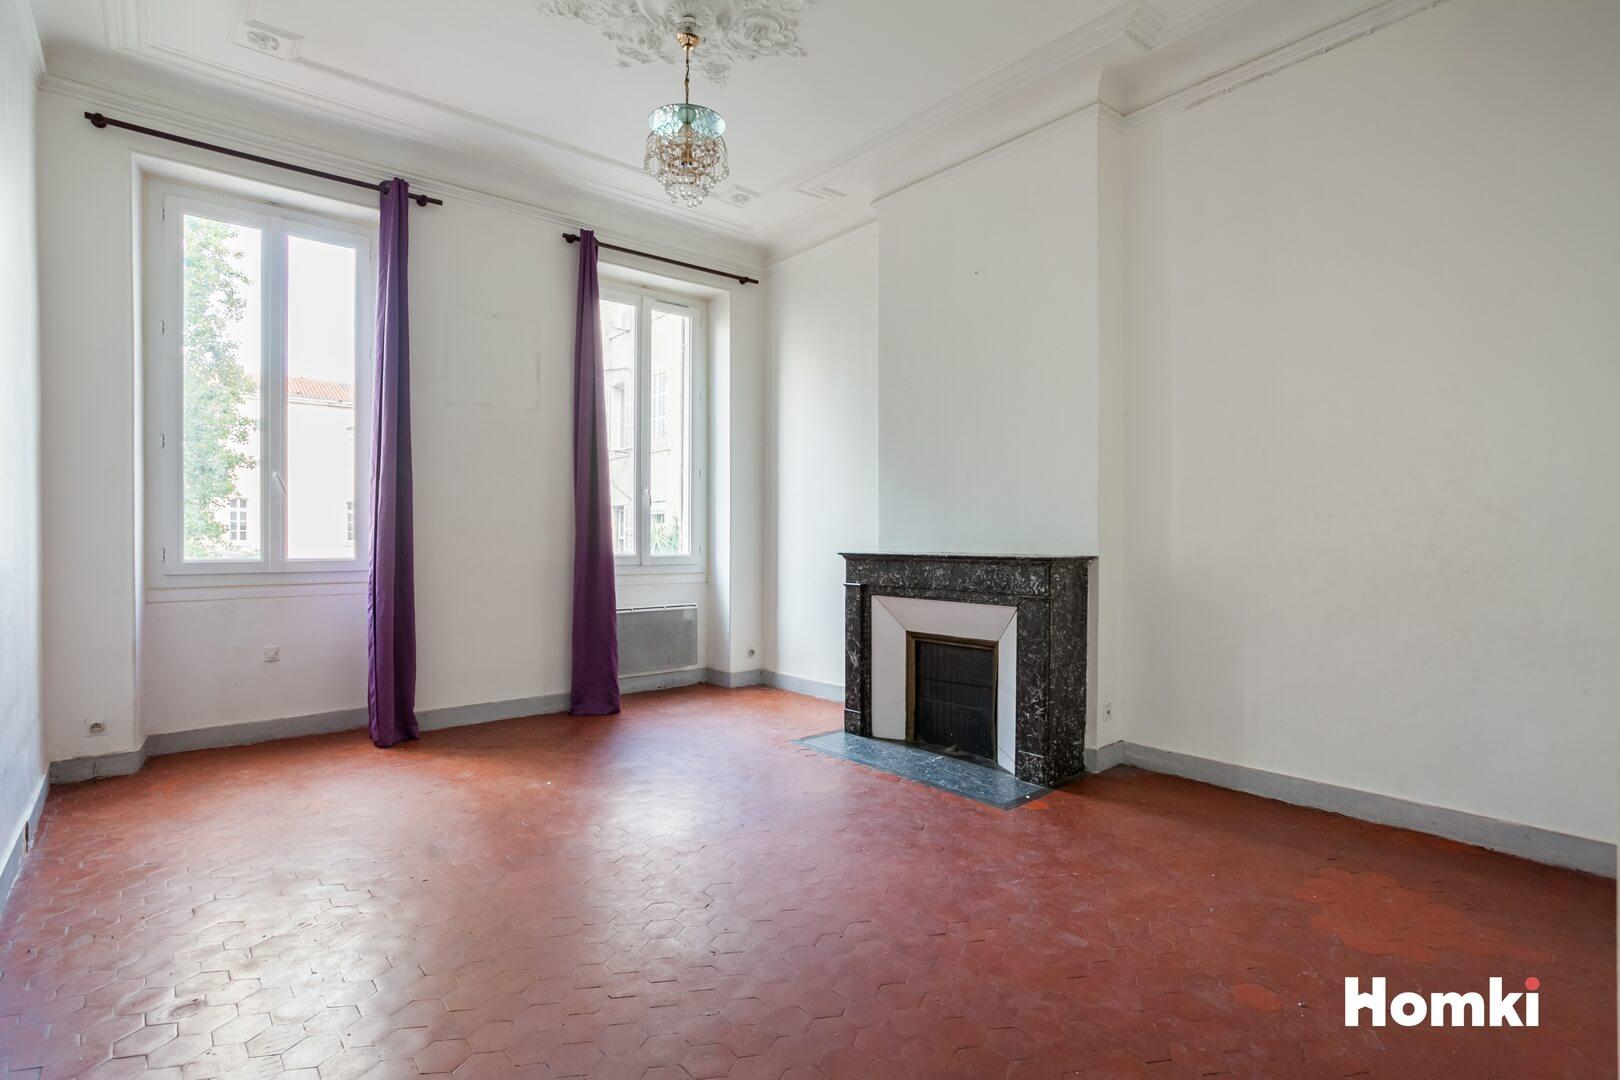 Homki - Vente Appartement  de 72.0 m² à Marseille 13001